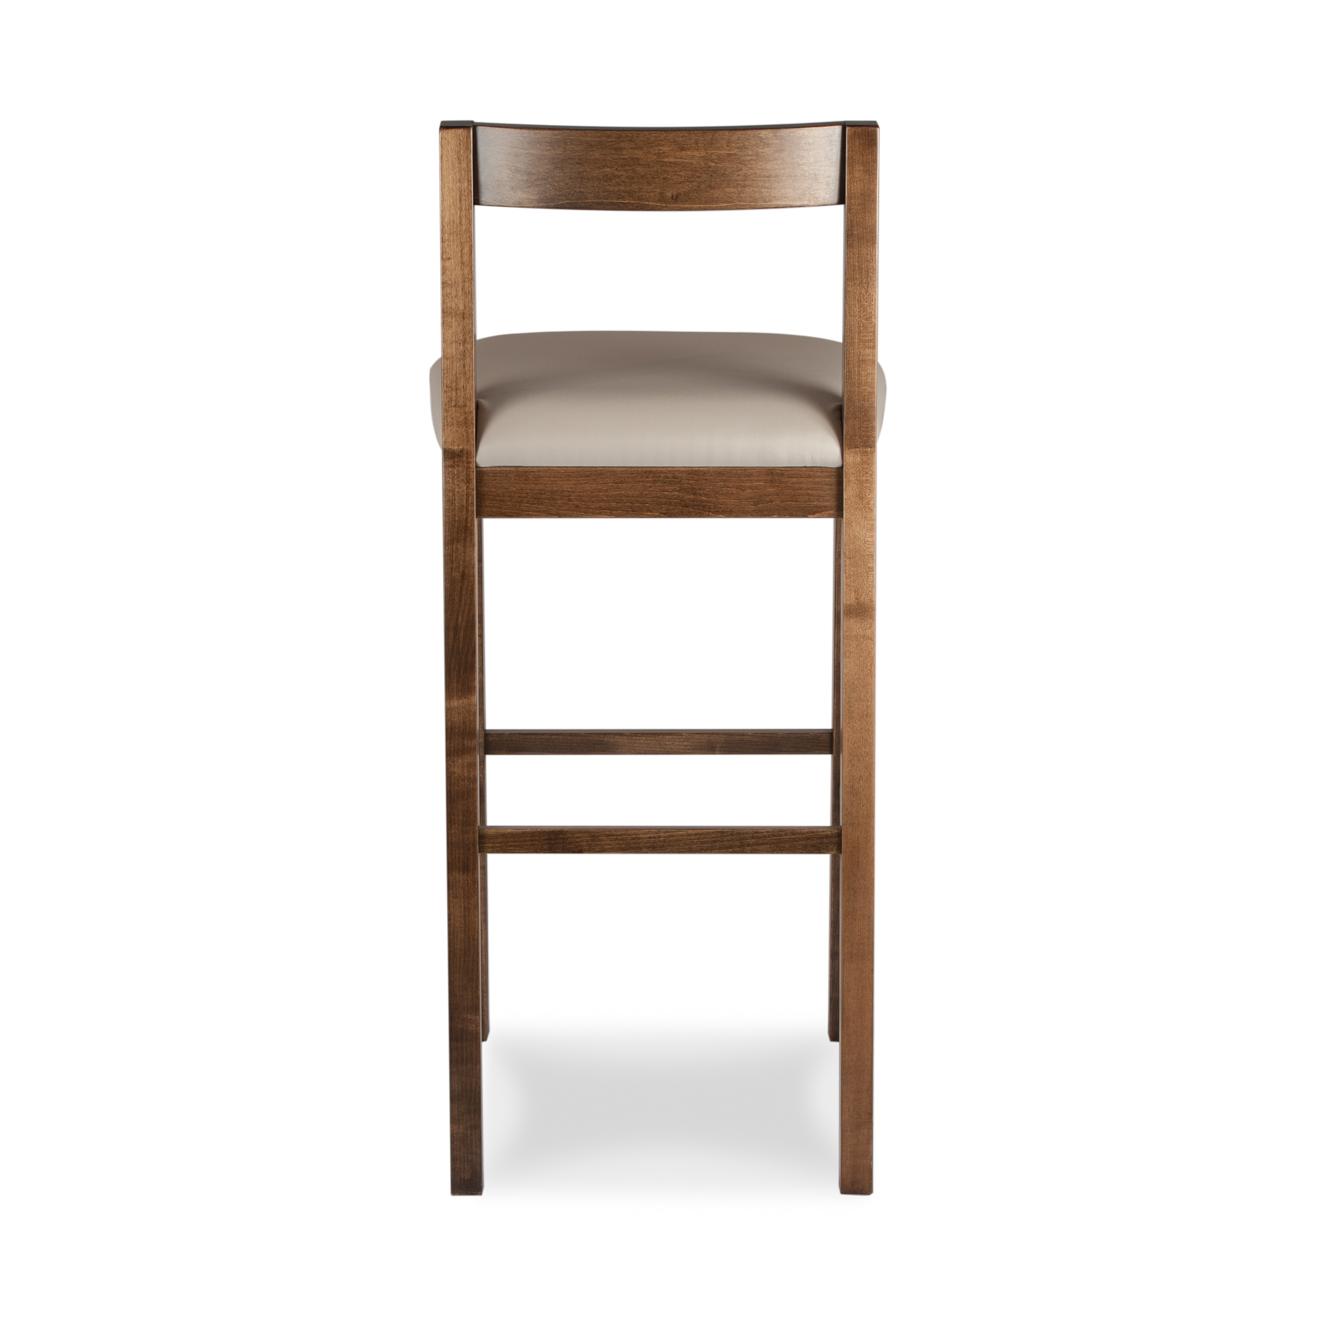 004_Woodcraft_Furniture_AnthonyBarstool_Back-1.jpg